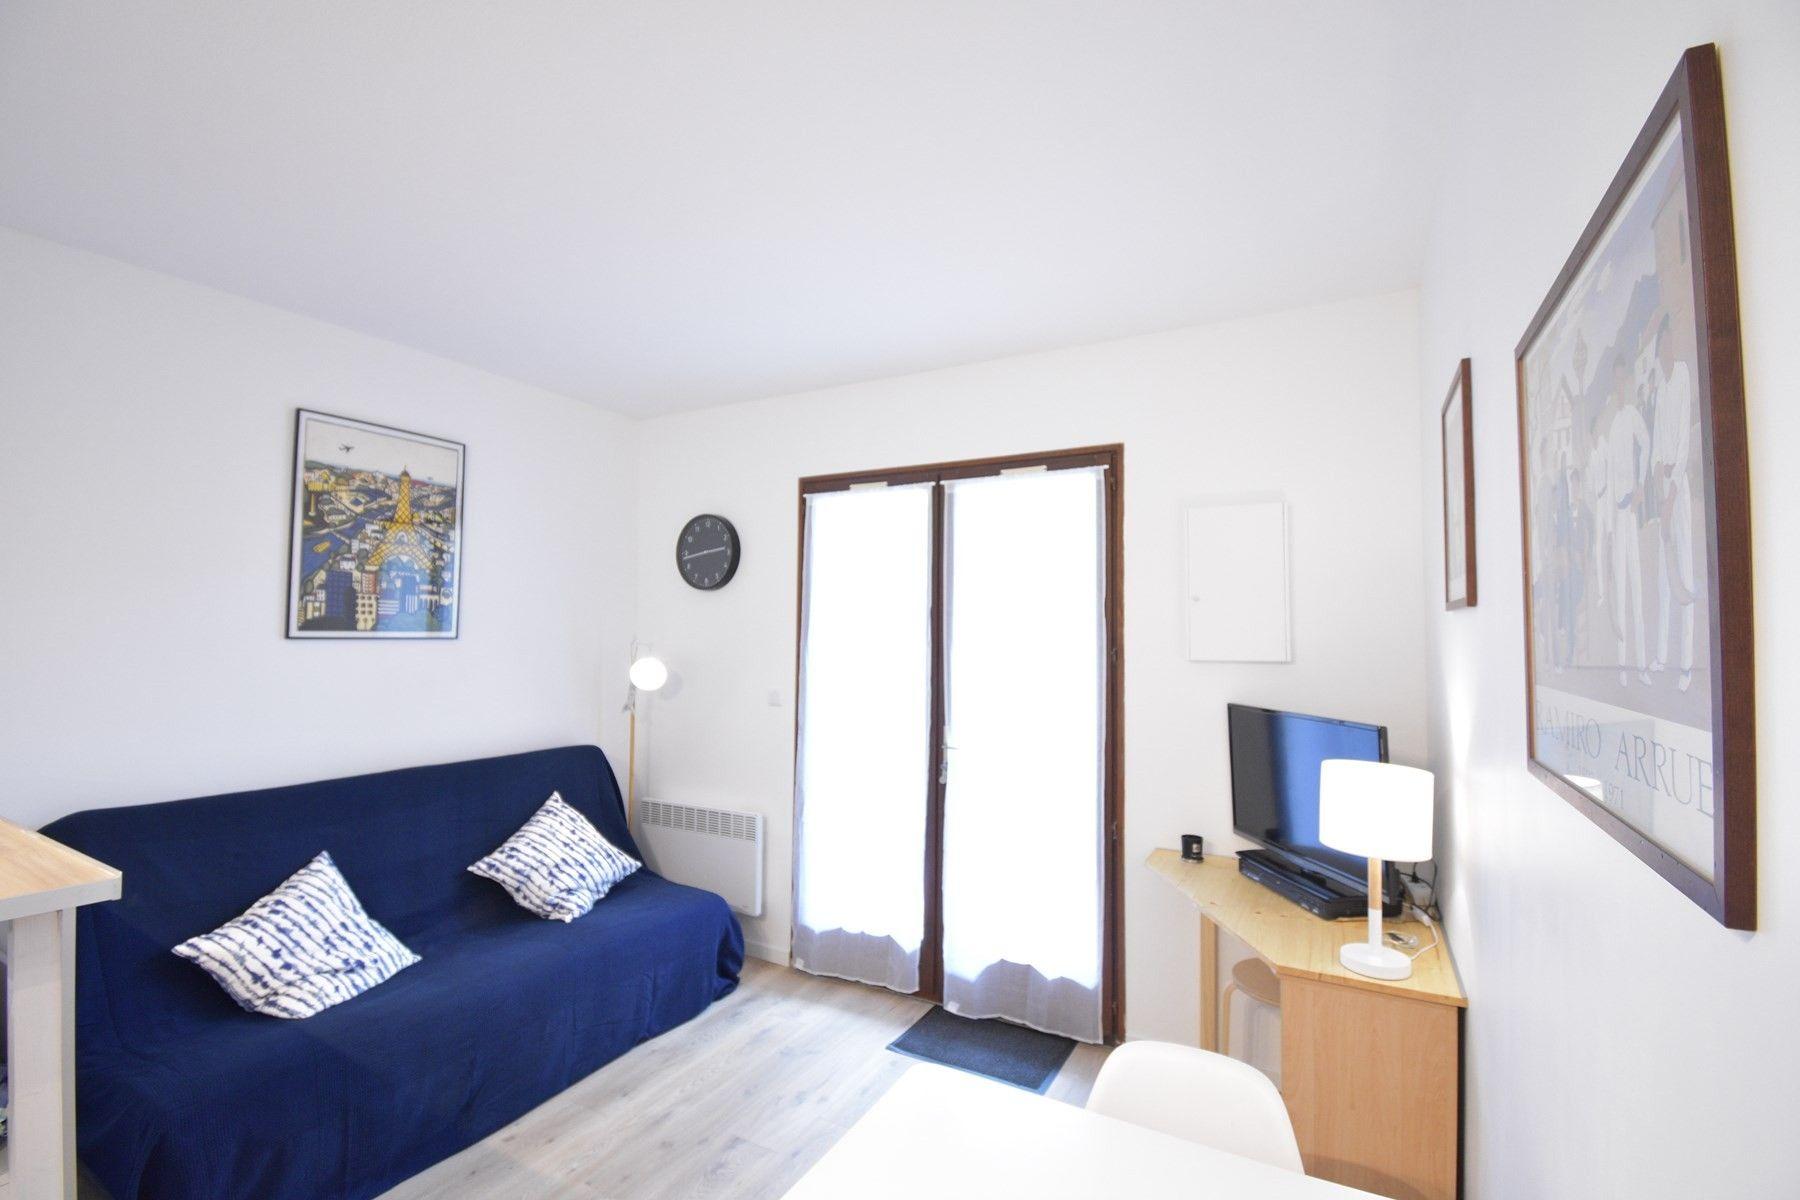 Appartement à louer pour vacances à Capbreton